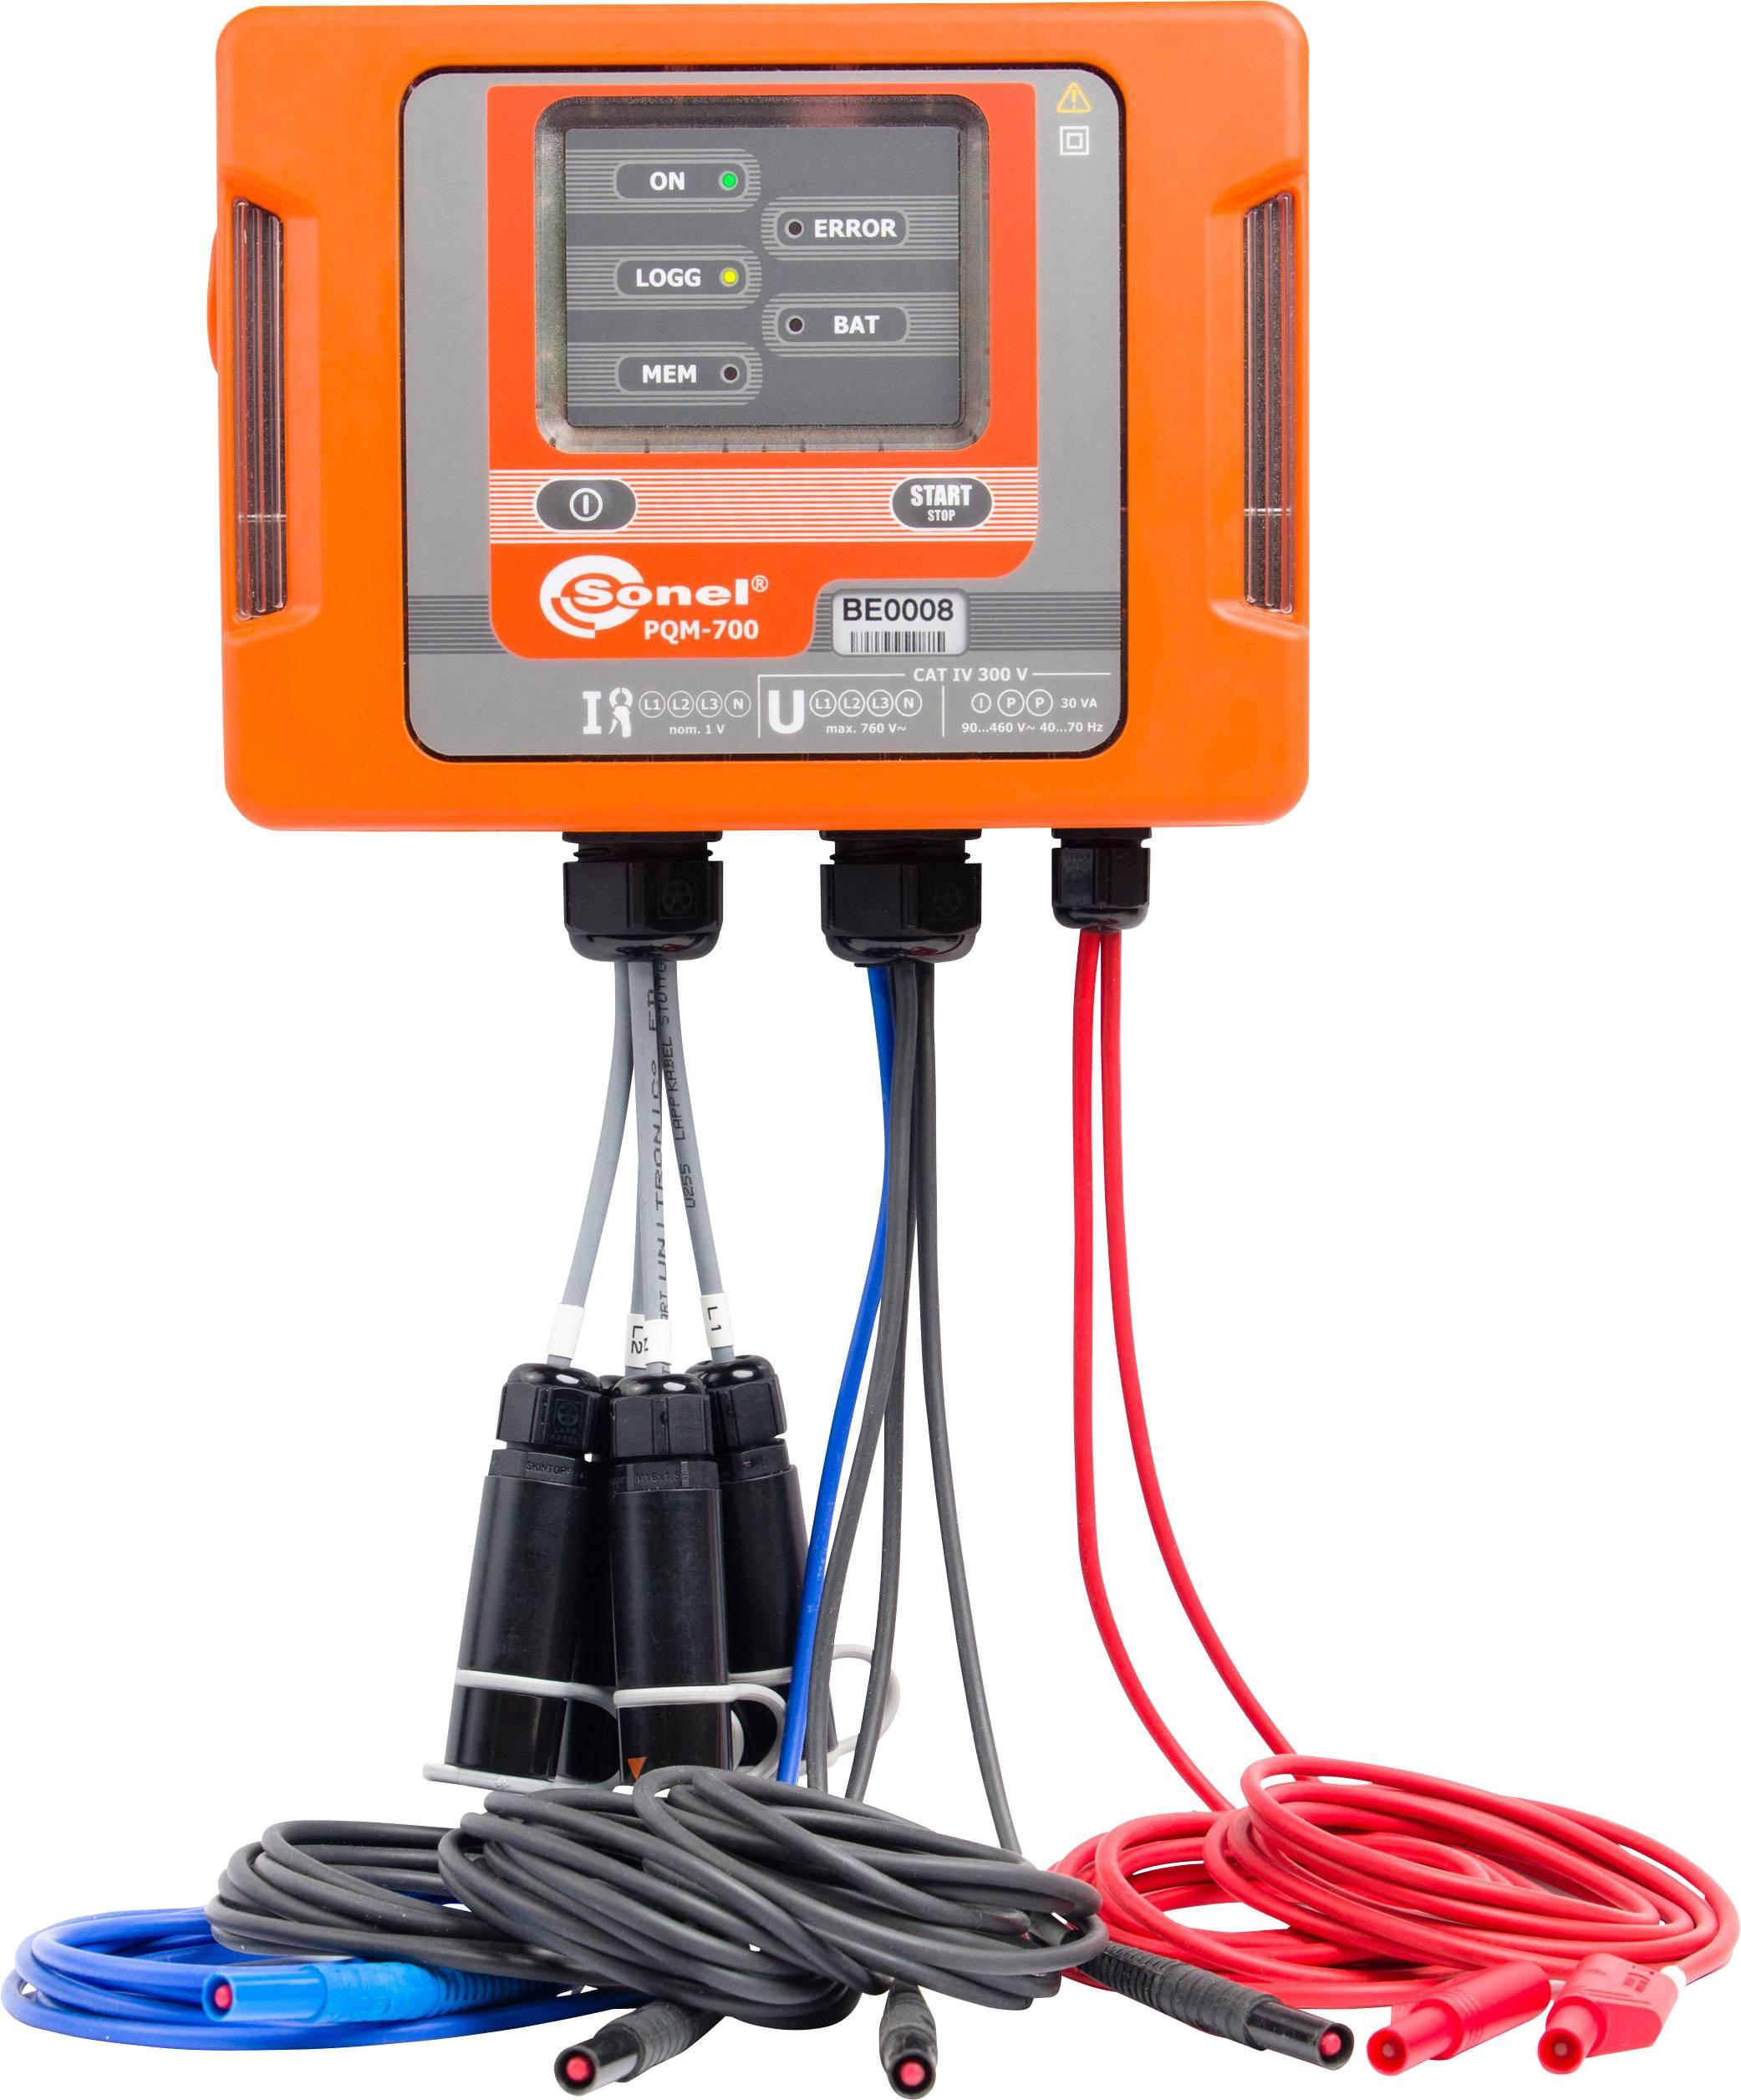 Síťový analyzátor PQM-700 Sonel PQM-700